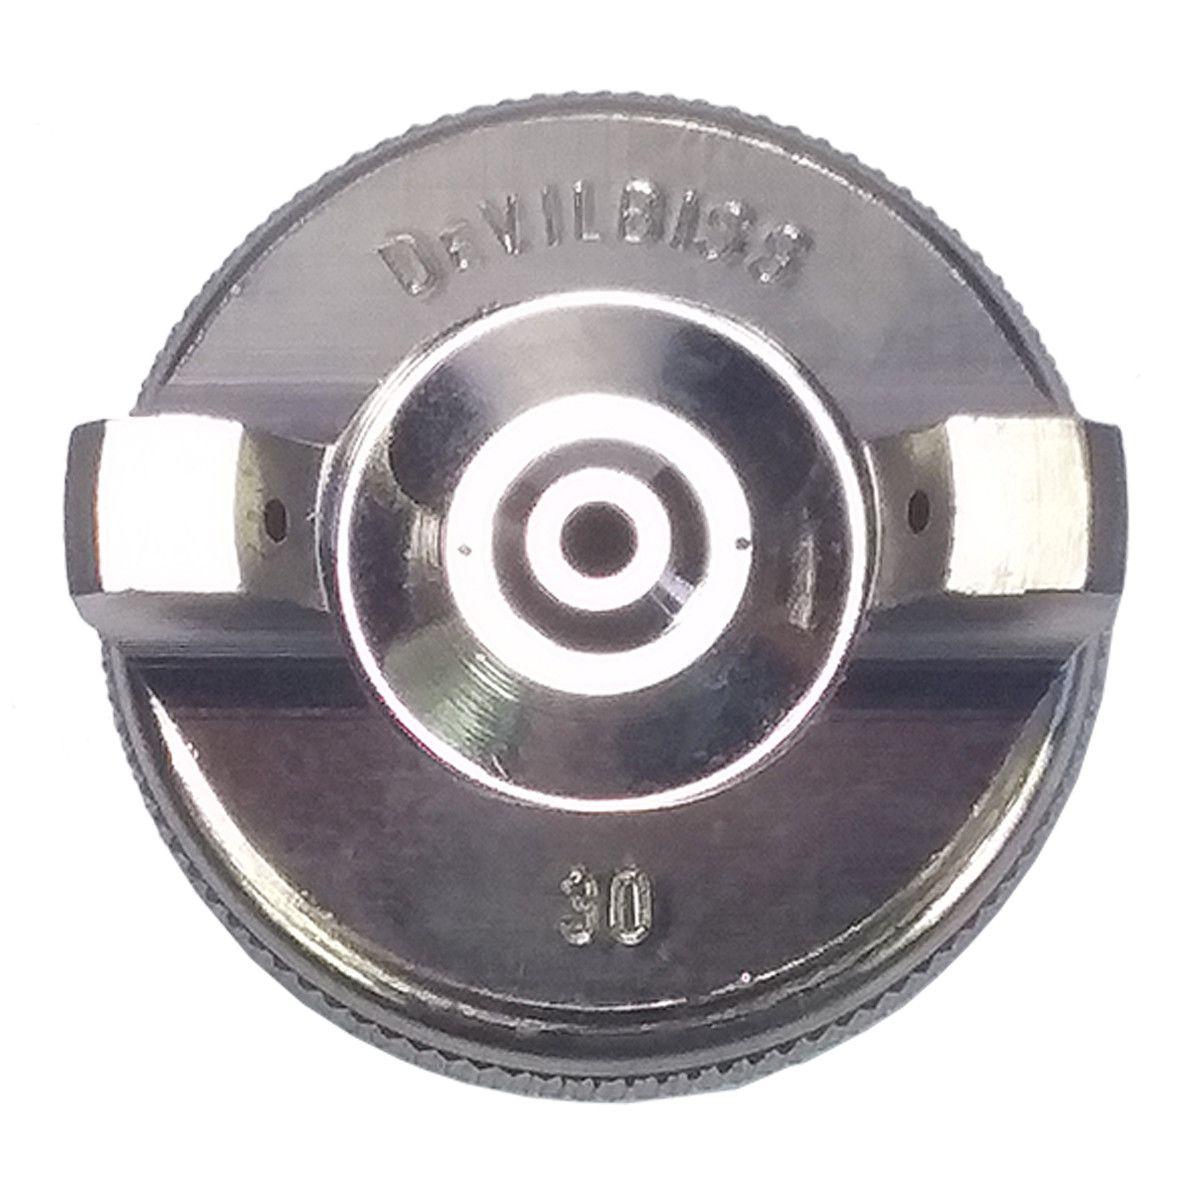 CAPA DE AR N30 MB-4039-30 JGA-503 DEVILBISS